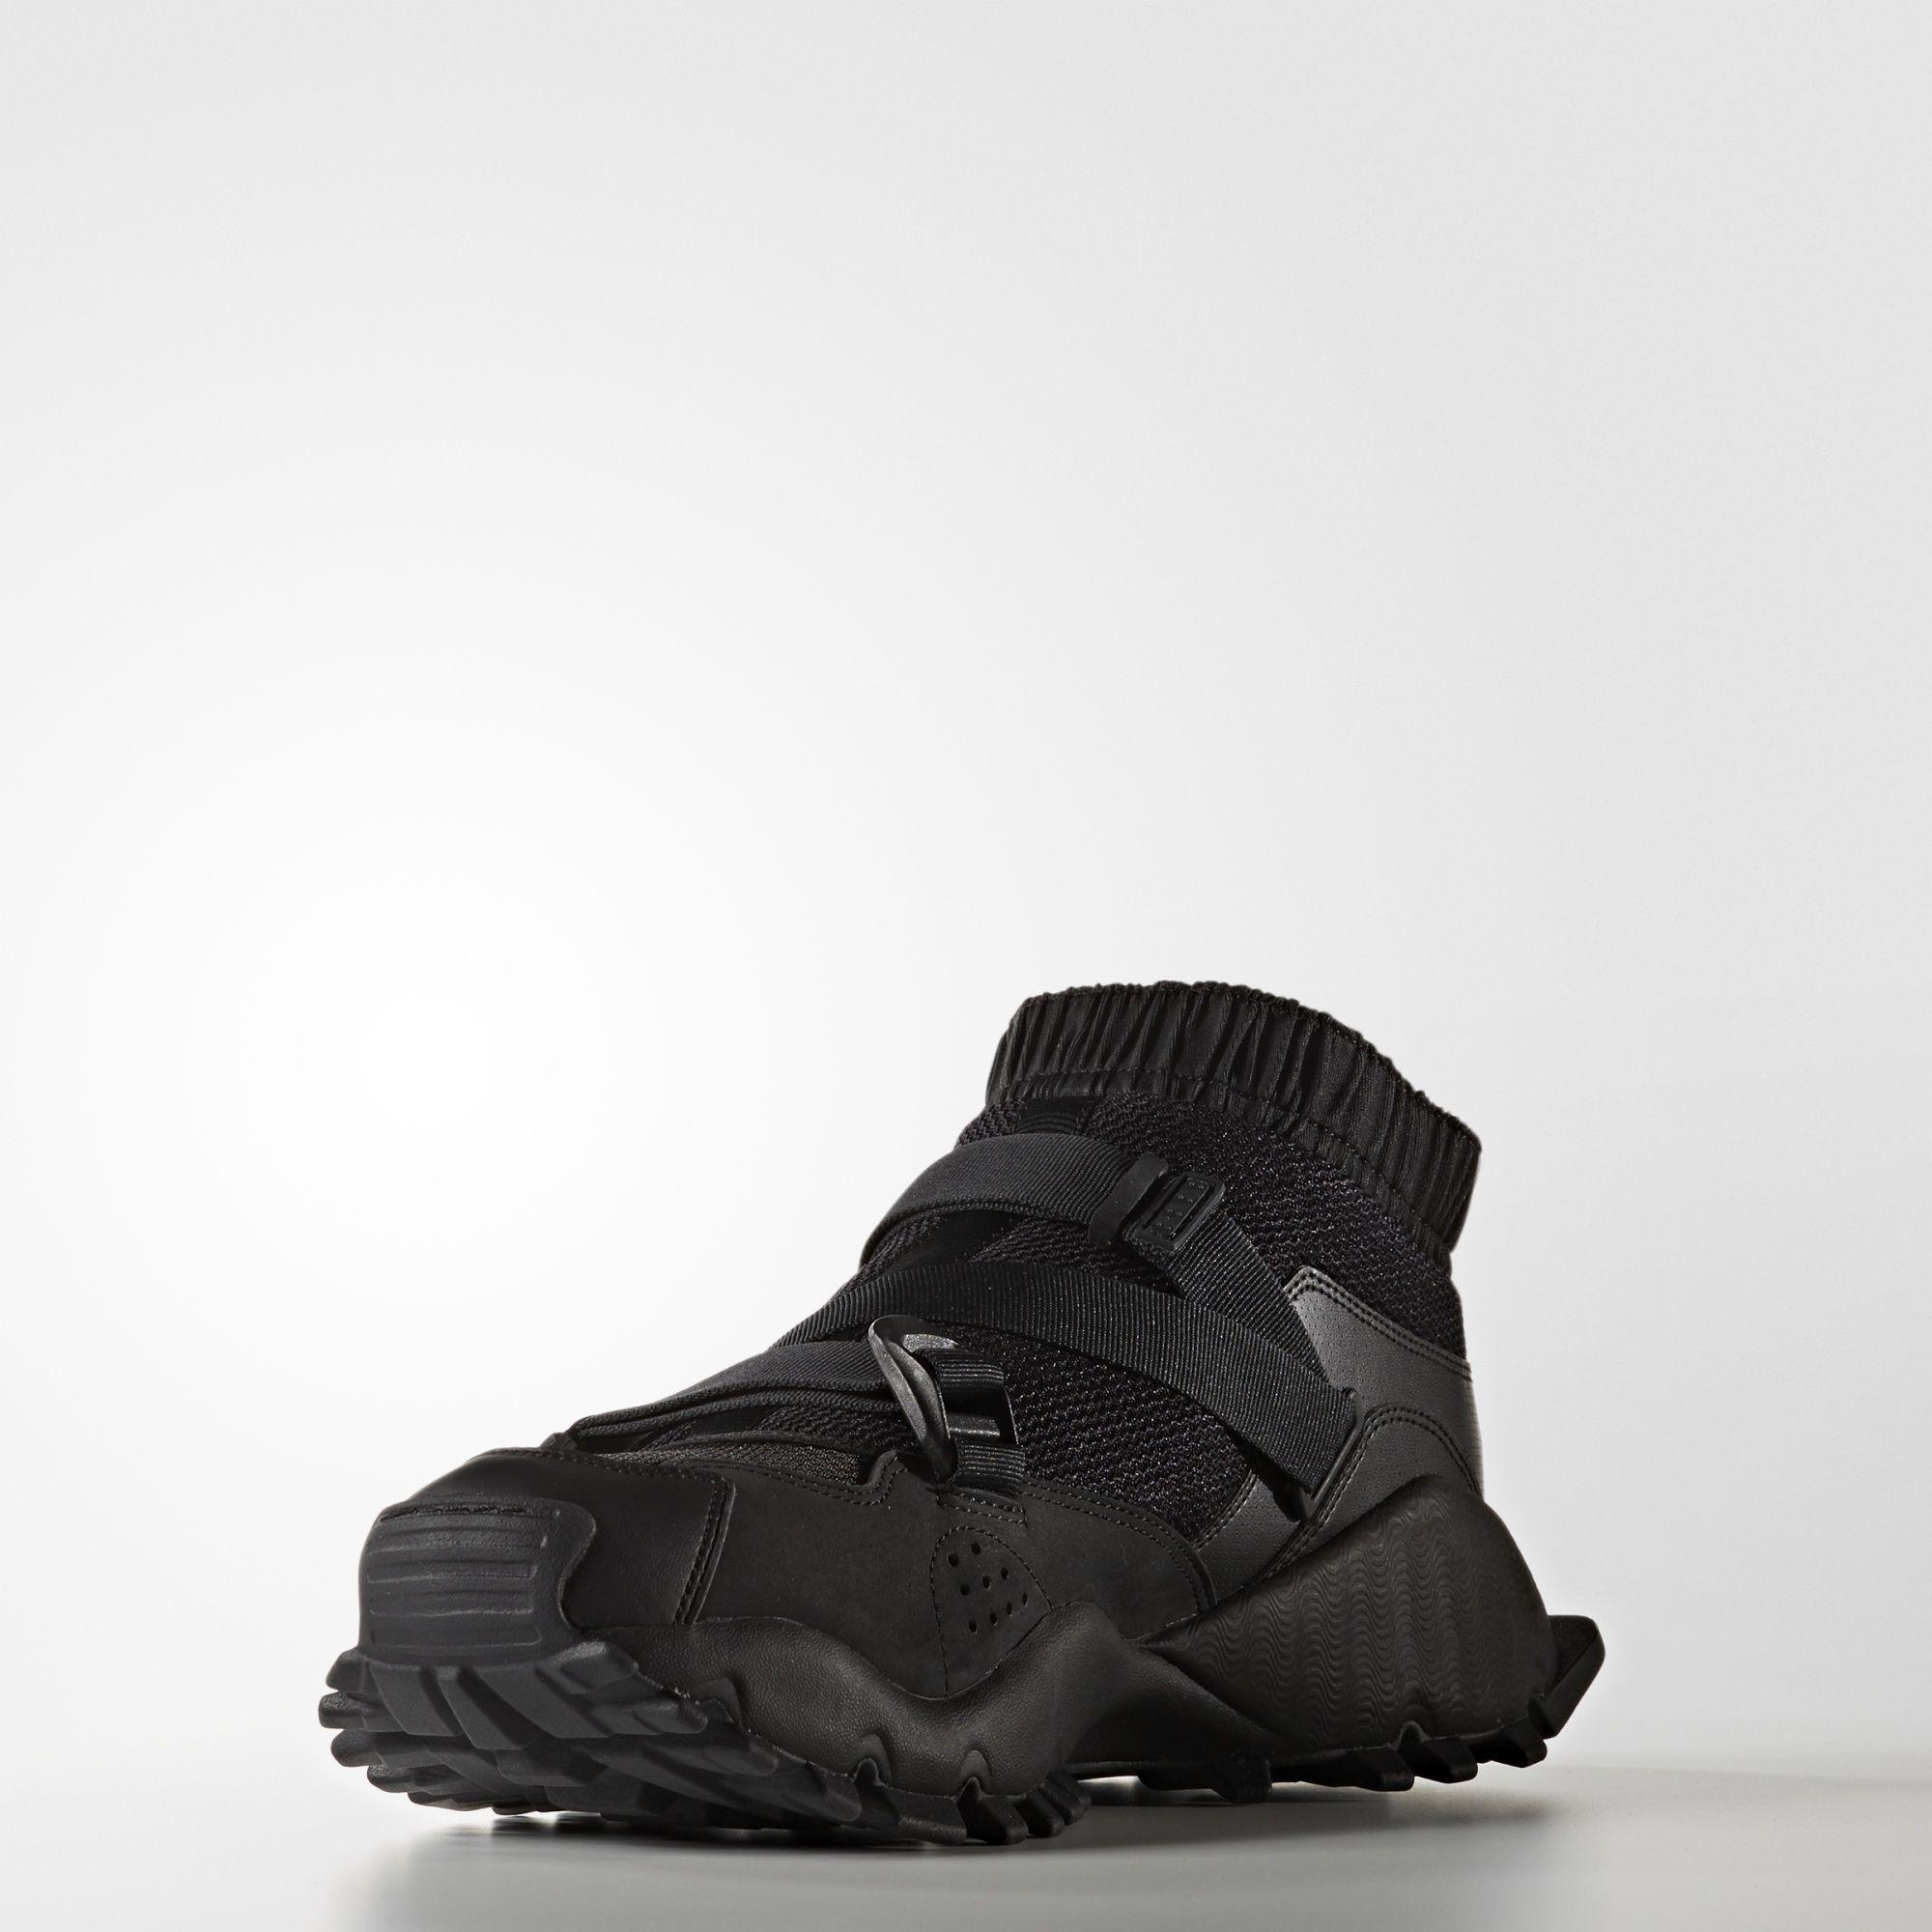 Zapatos Aoh Lavandín De Cajón Catrín Del 010 Adidas El 8dpzp